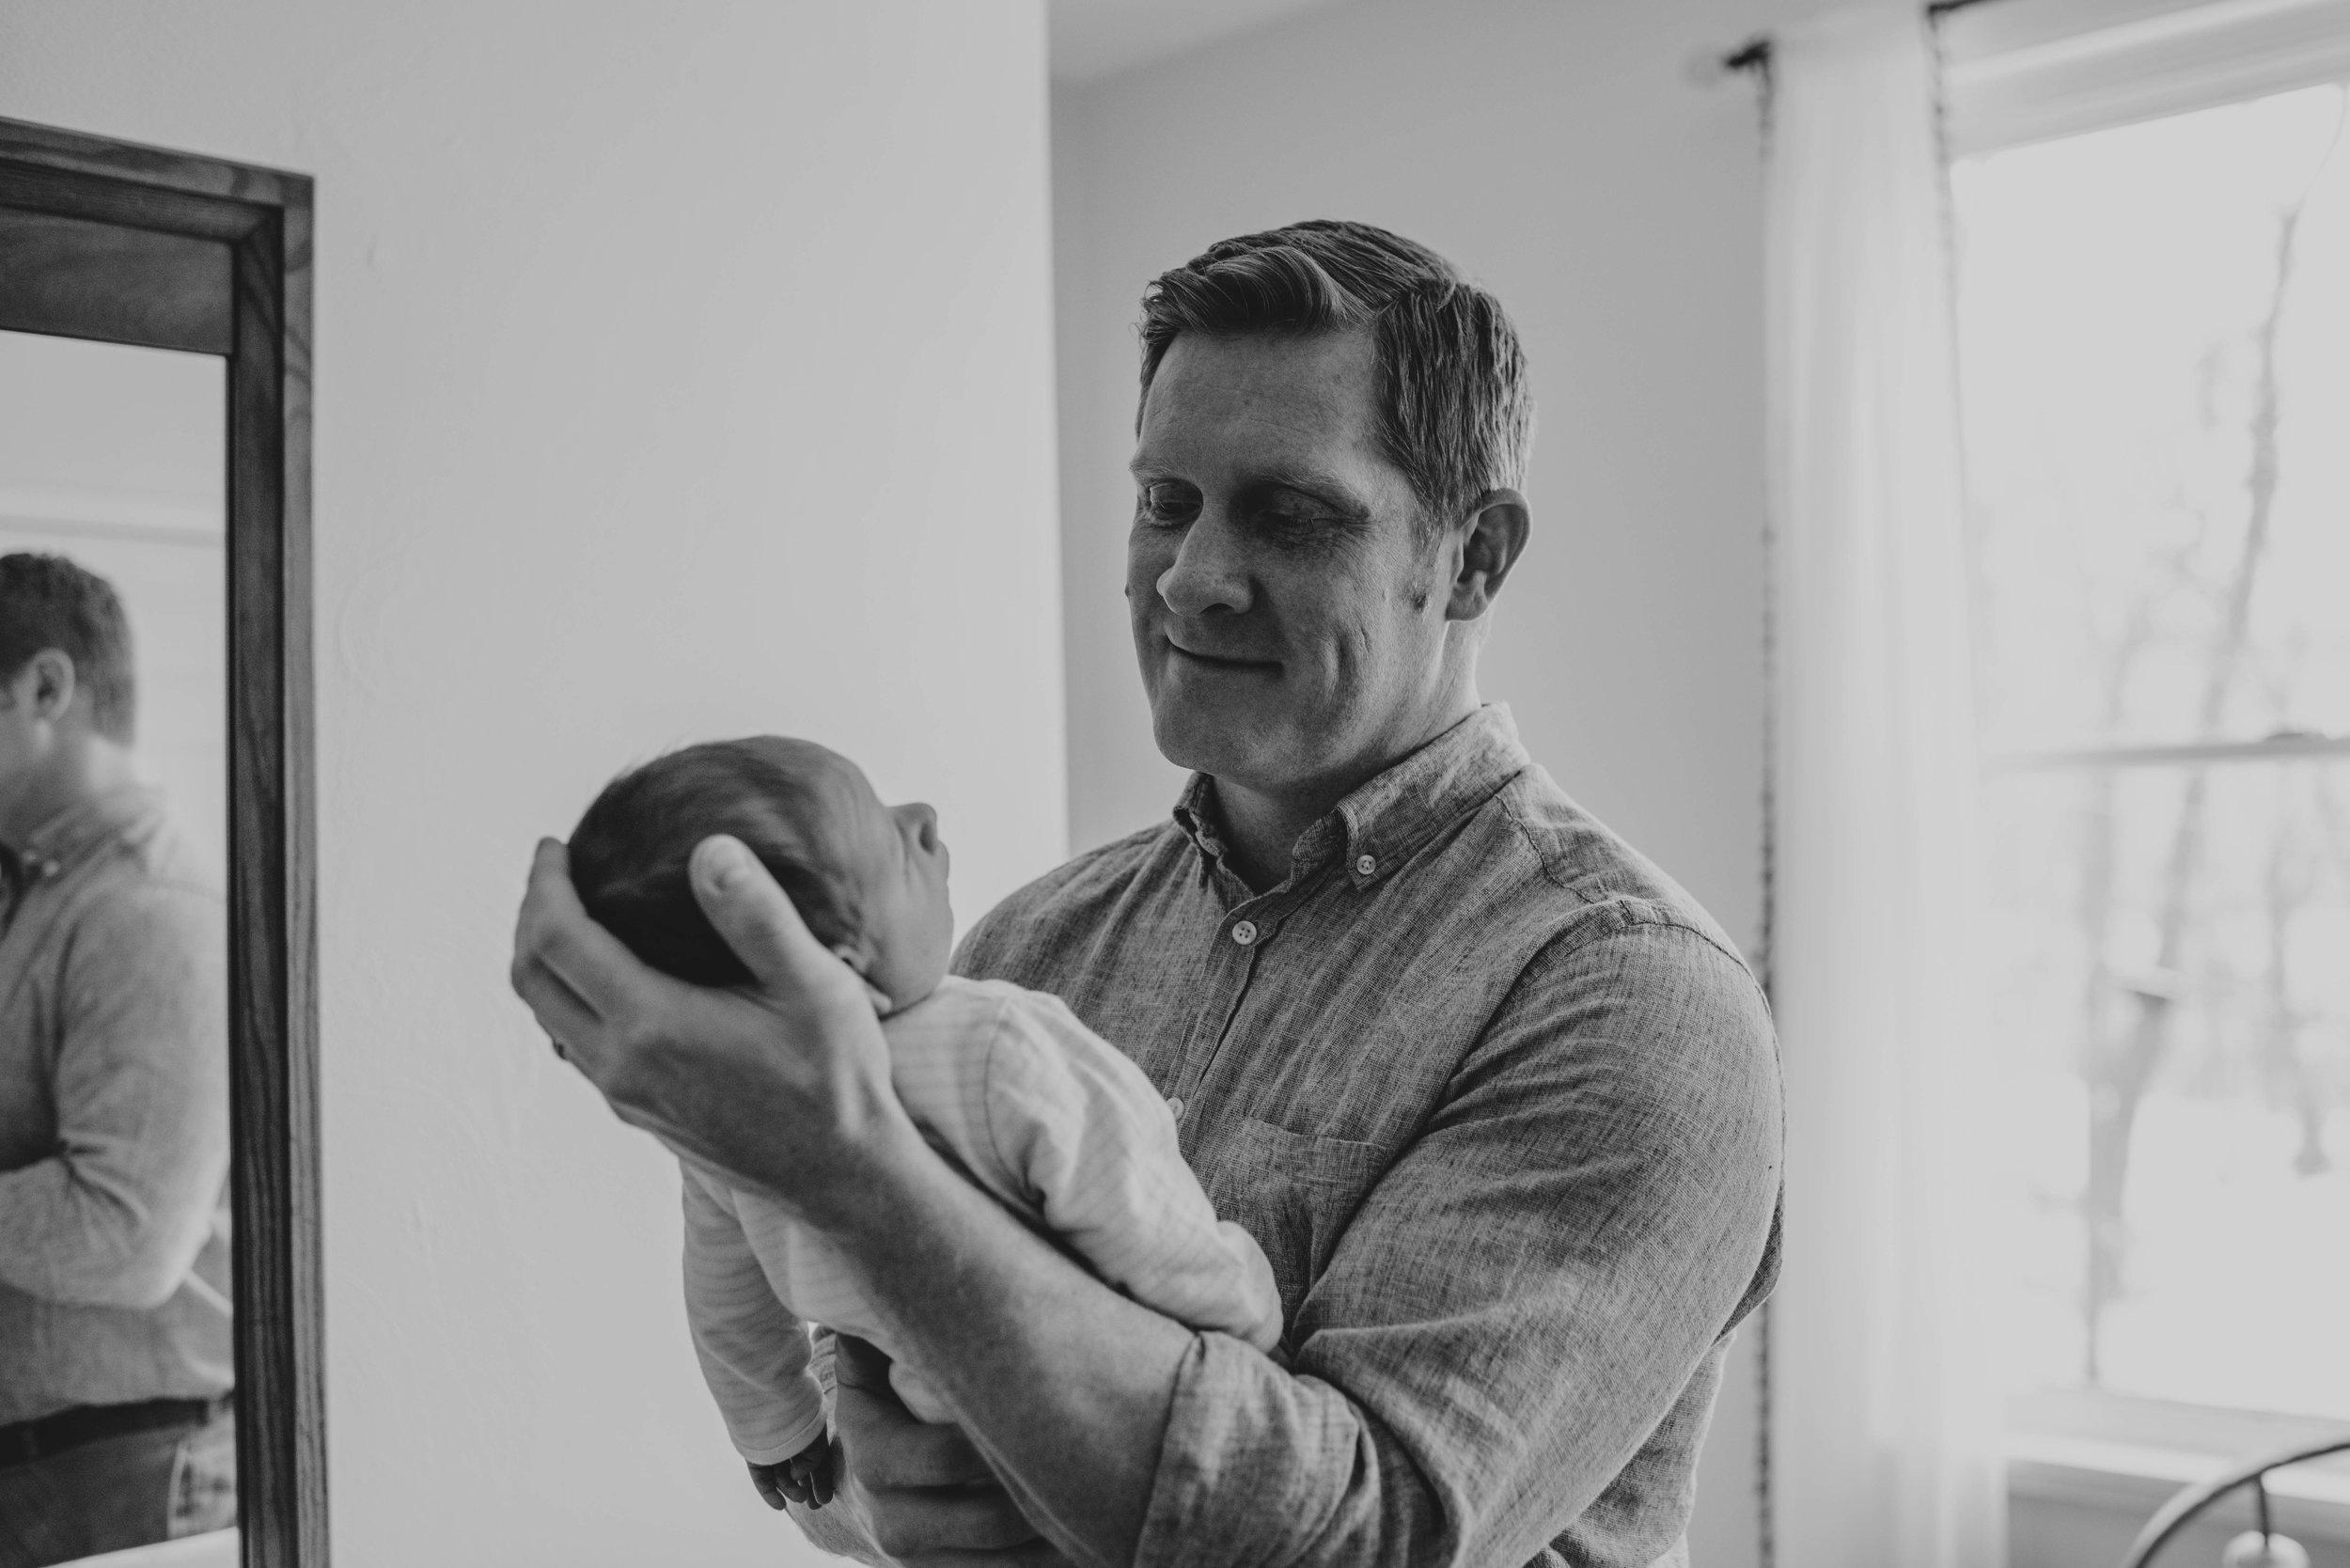 Kristy_Lumsden_Photography_Oscar_Newborn_Lifestyle20170127_0178.jpg